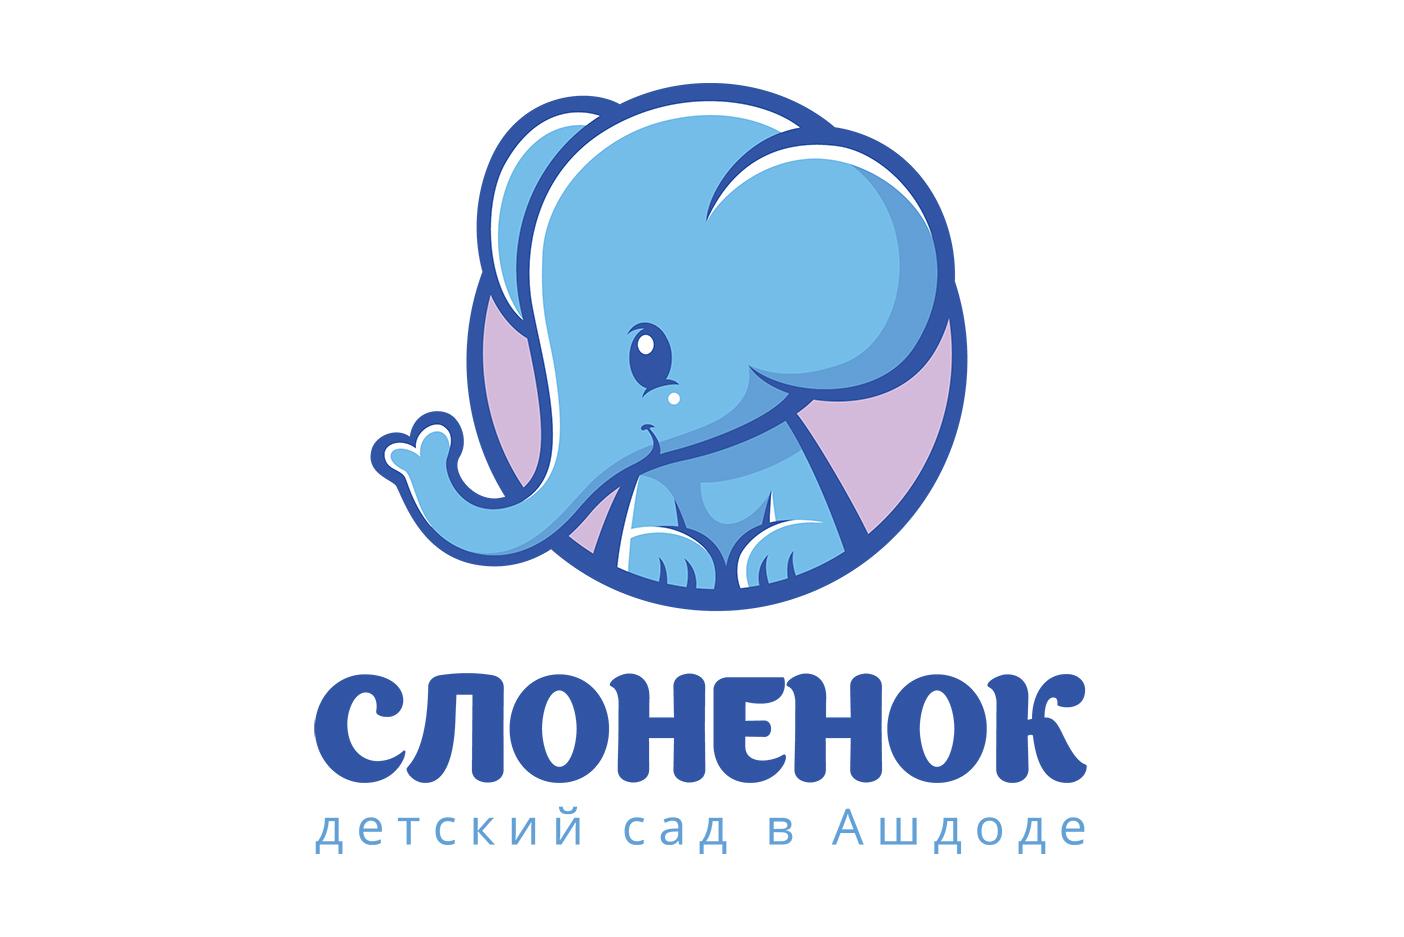 """Разработка логотипа для детского сада """"Слоненок"""""""